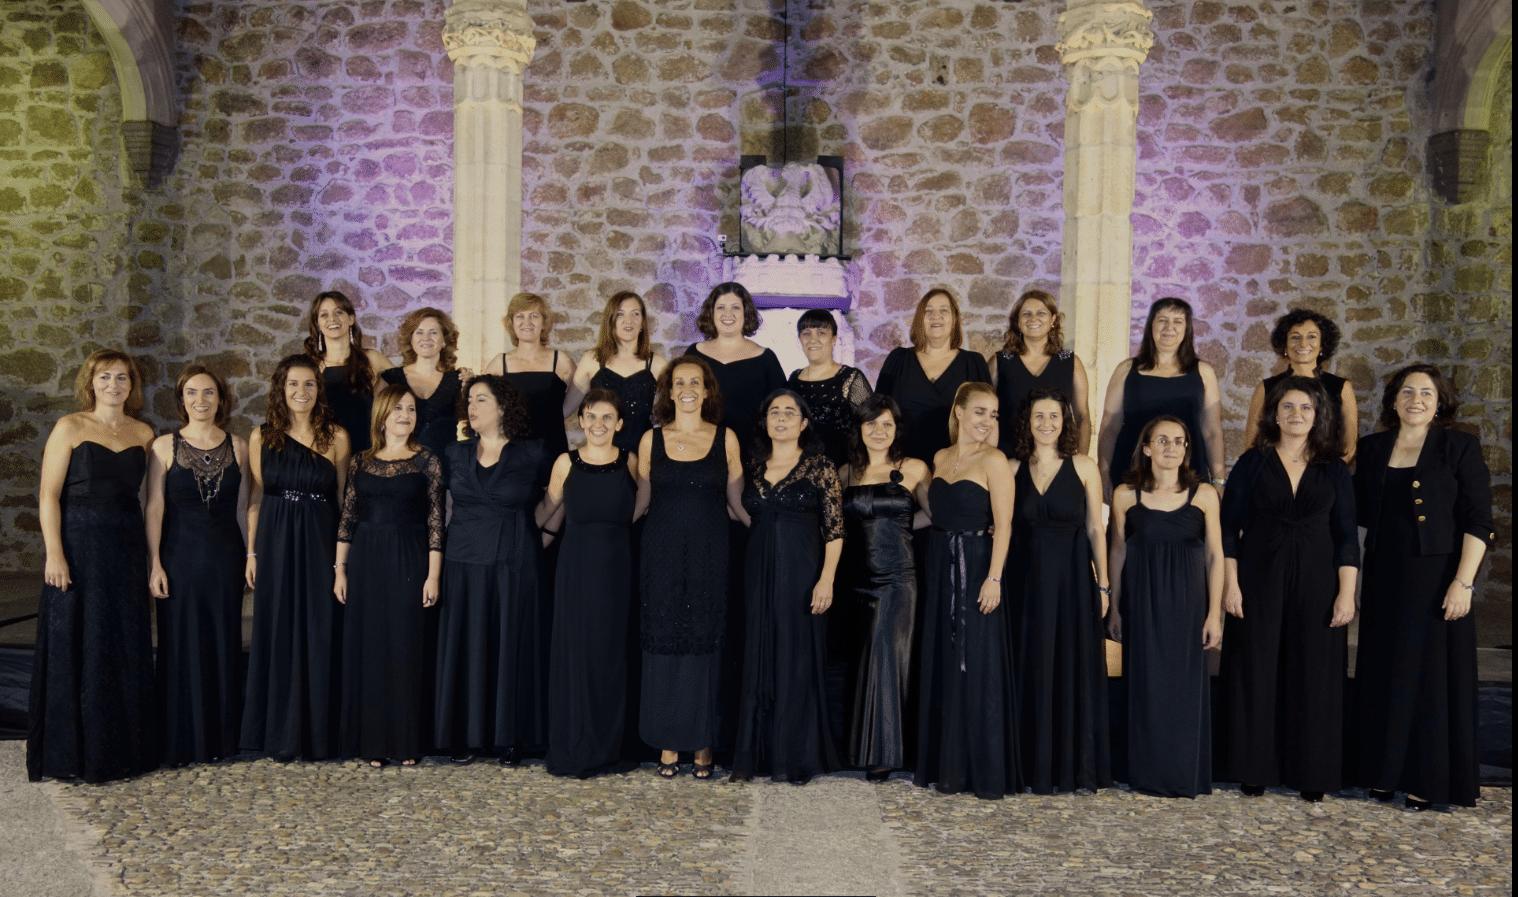 VokalArs presentan «Del gloria al amarillo» en el Festival de Música de Tres Cantos